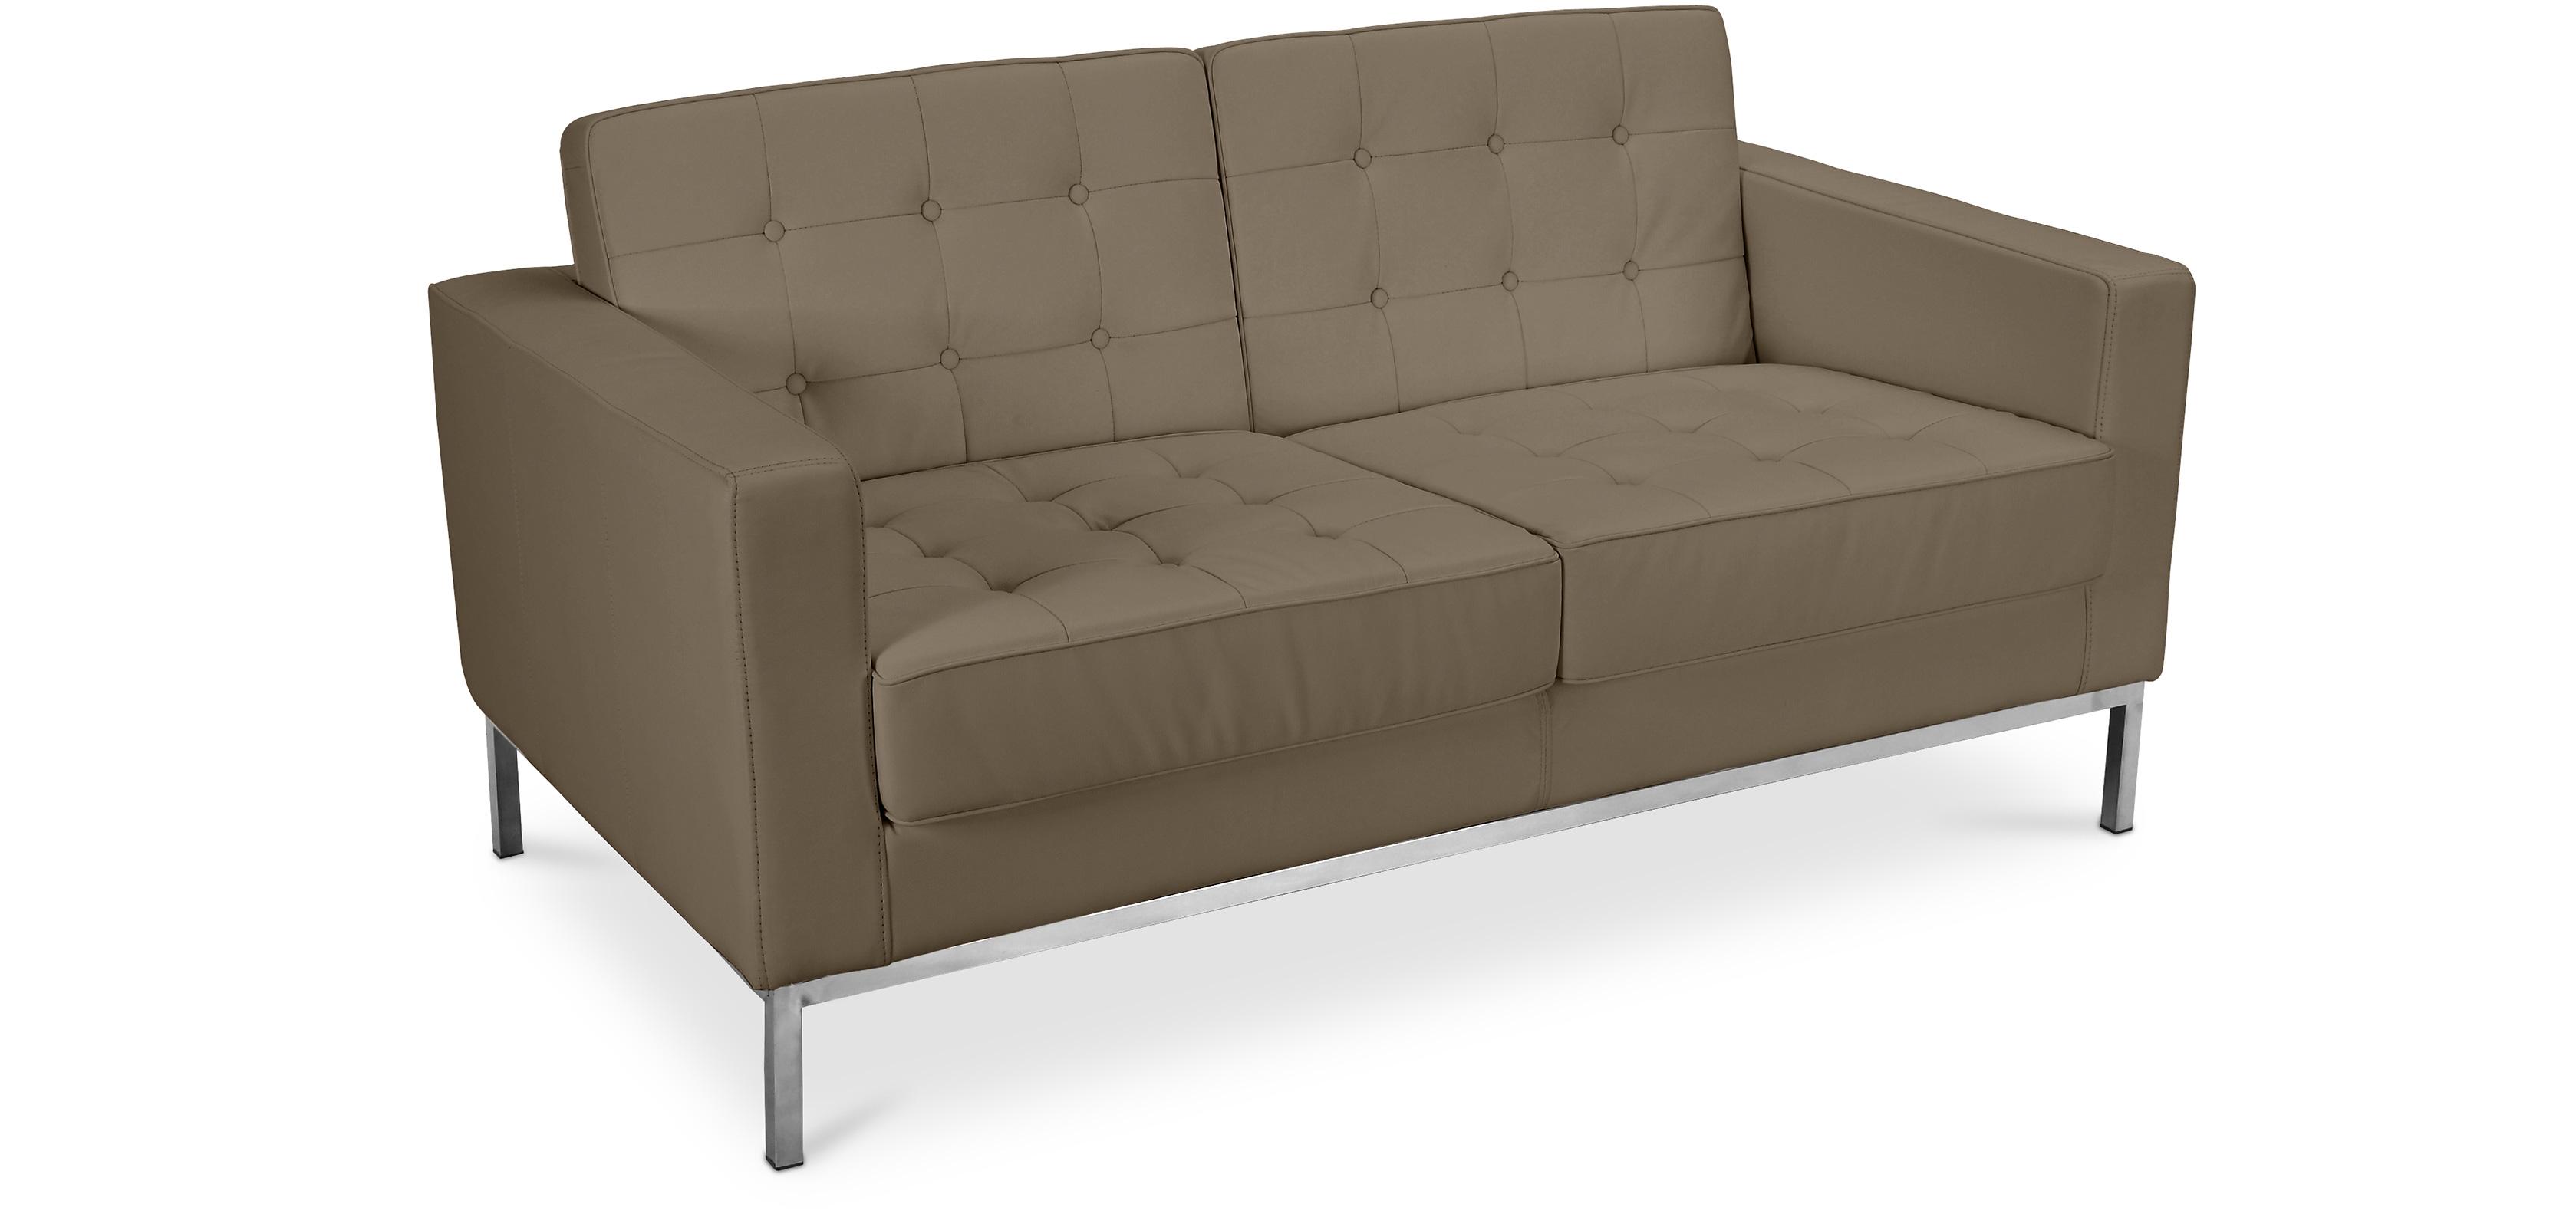 design sofa florence knoll zweisitzer hochwertiges leder. Black Bedroom Furniture Sets. Home Design Ideas